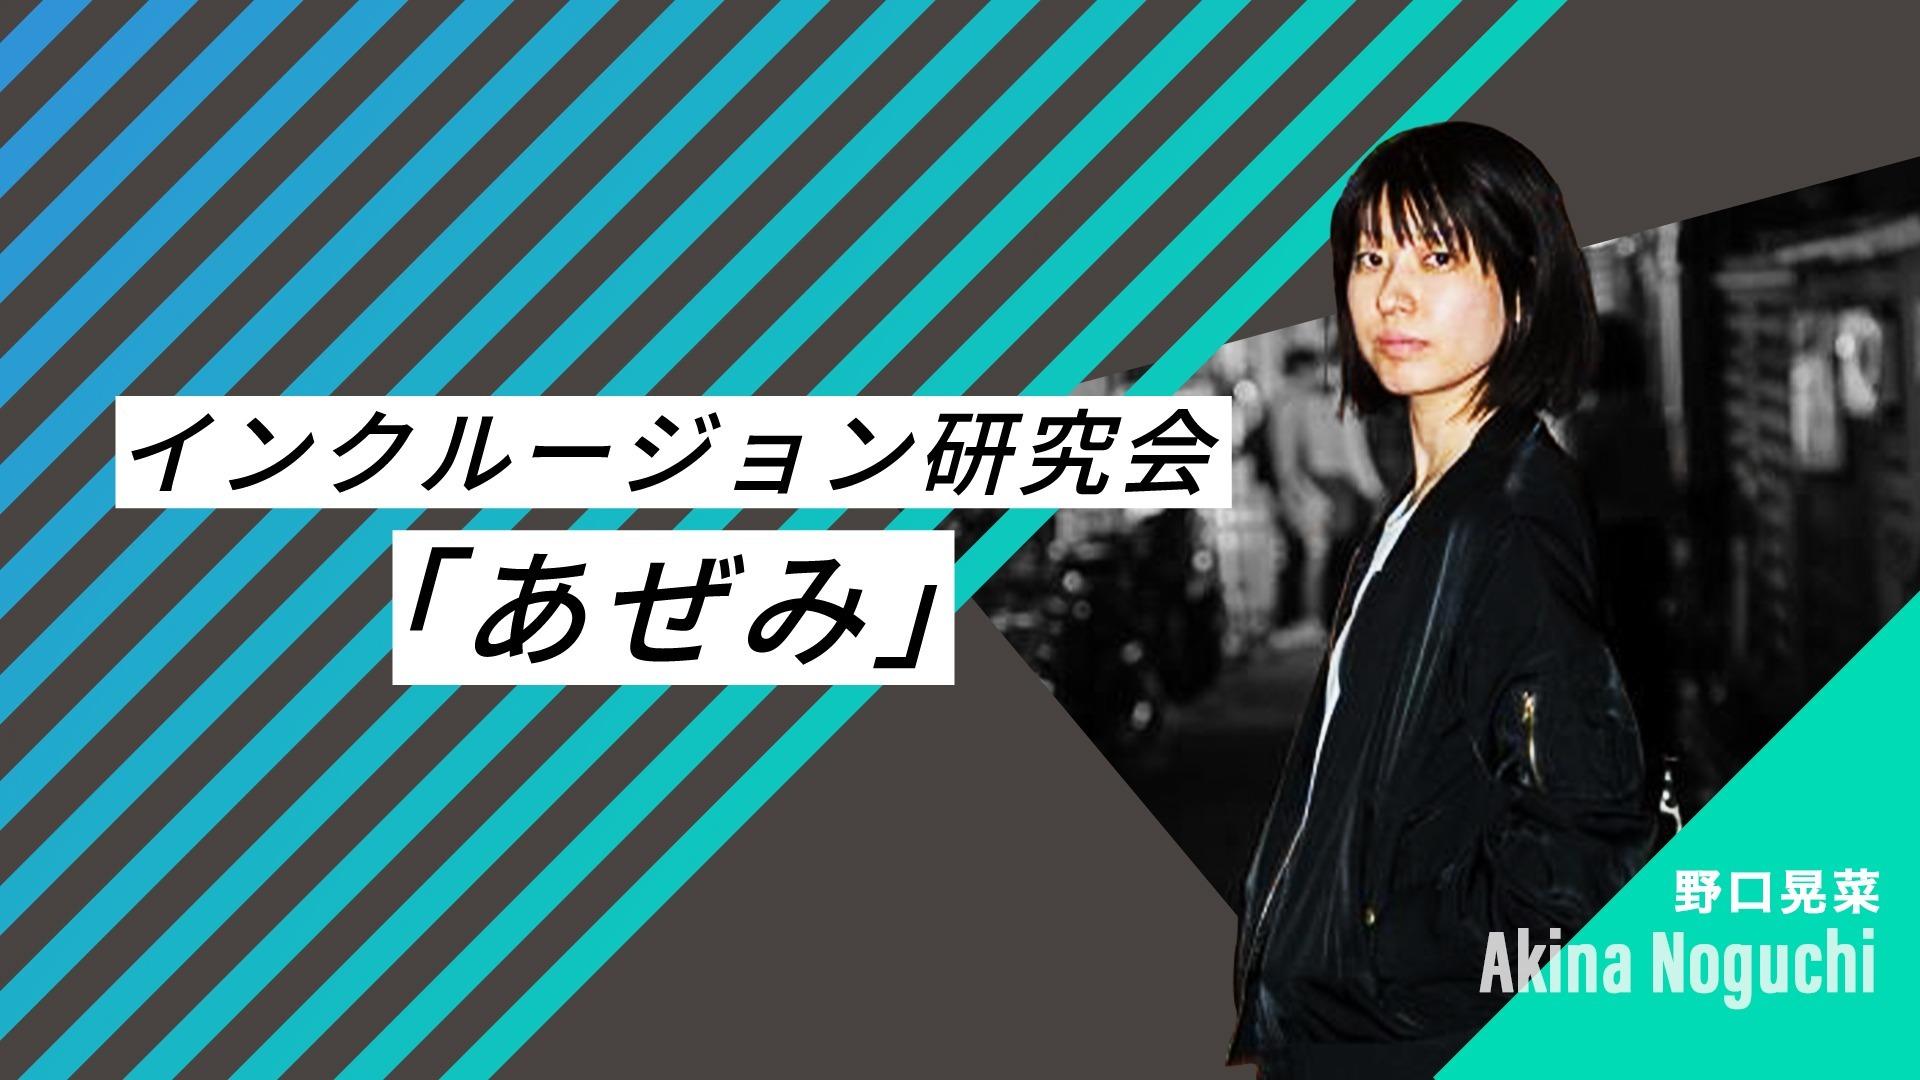 インクルージョン研究会「あぜみ」ー野口晃菜オンラインゼミ